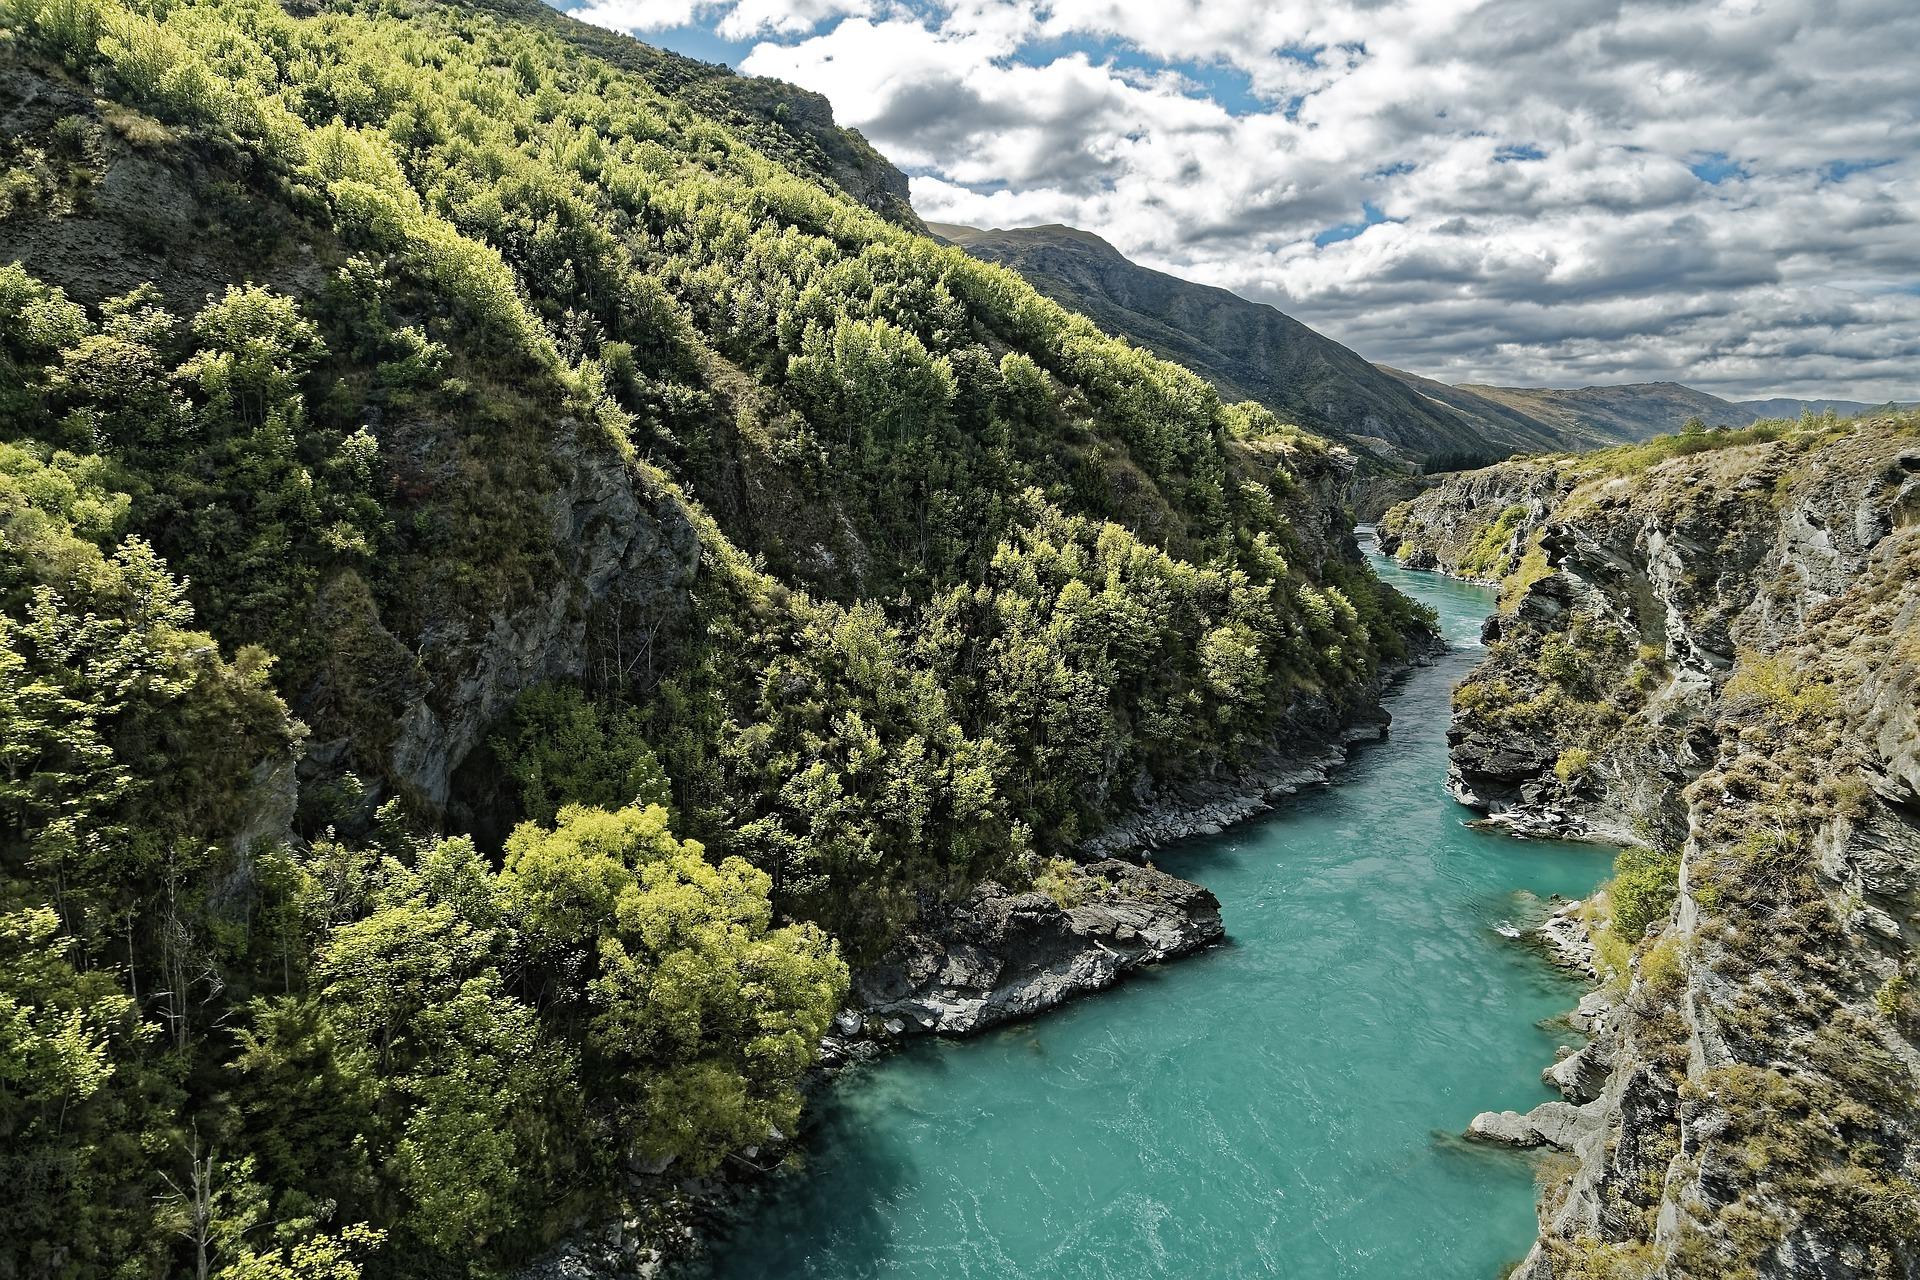 makalu kawarau river